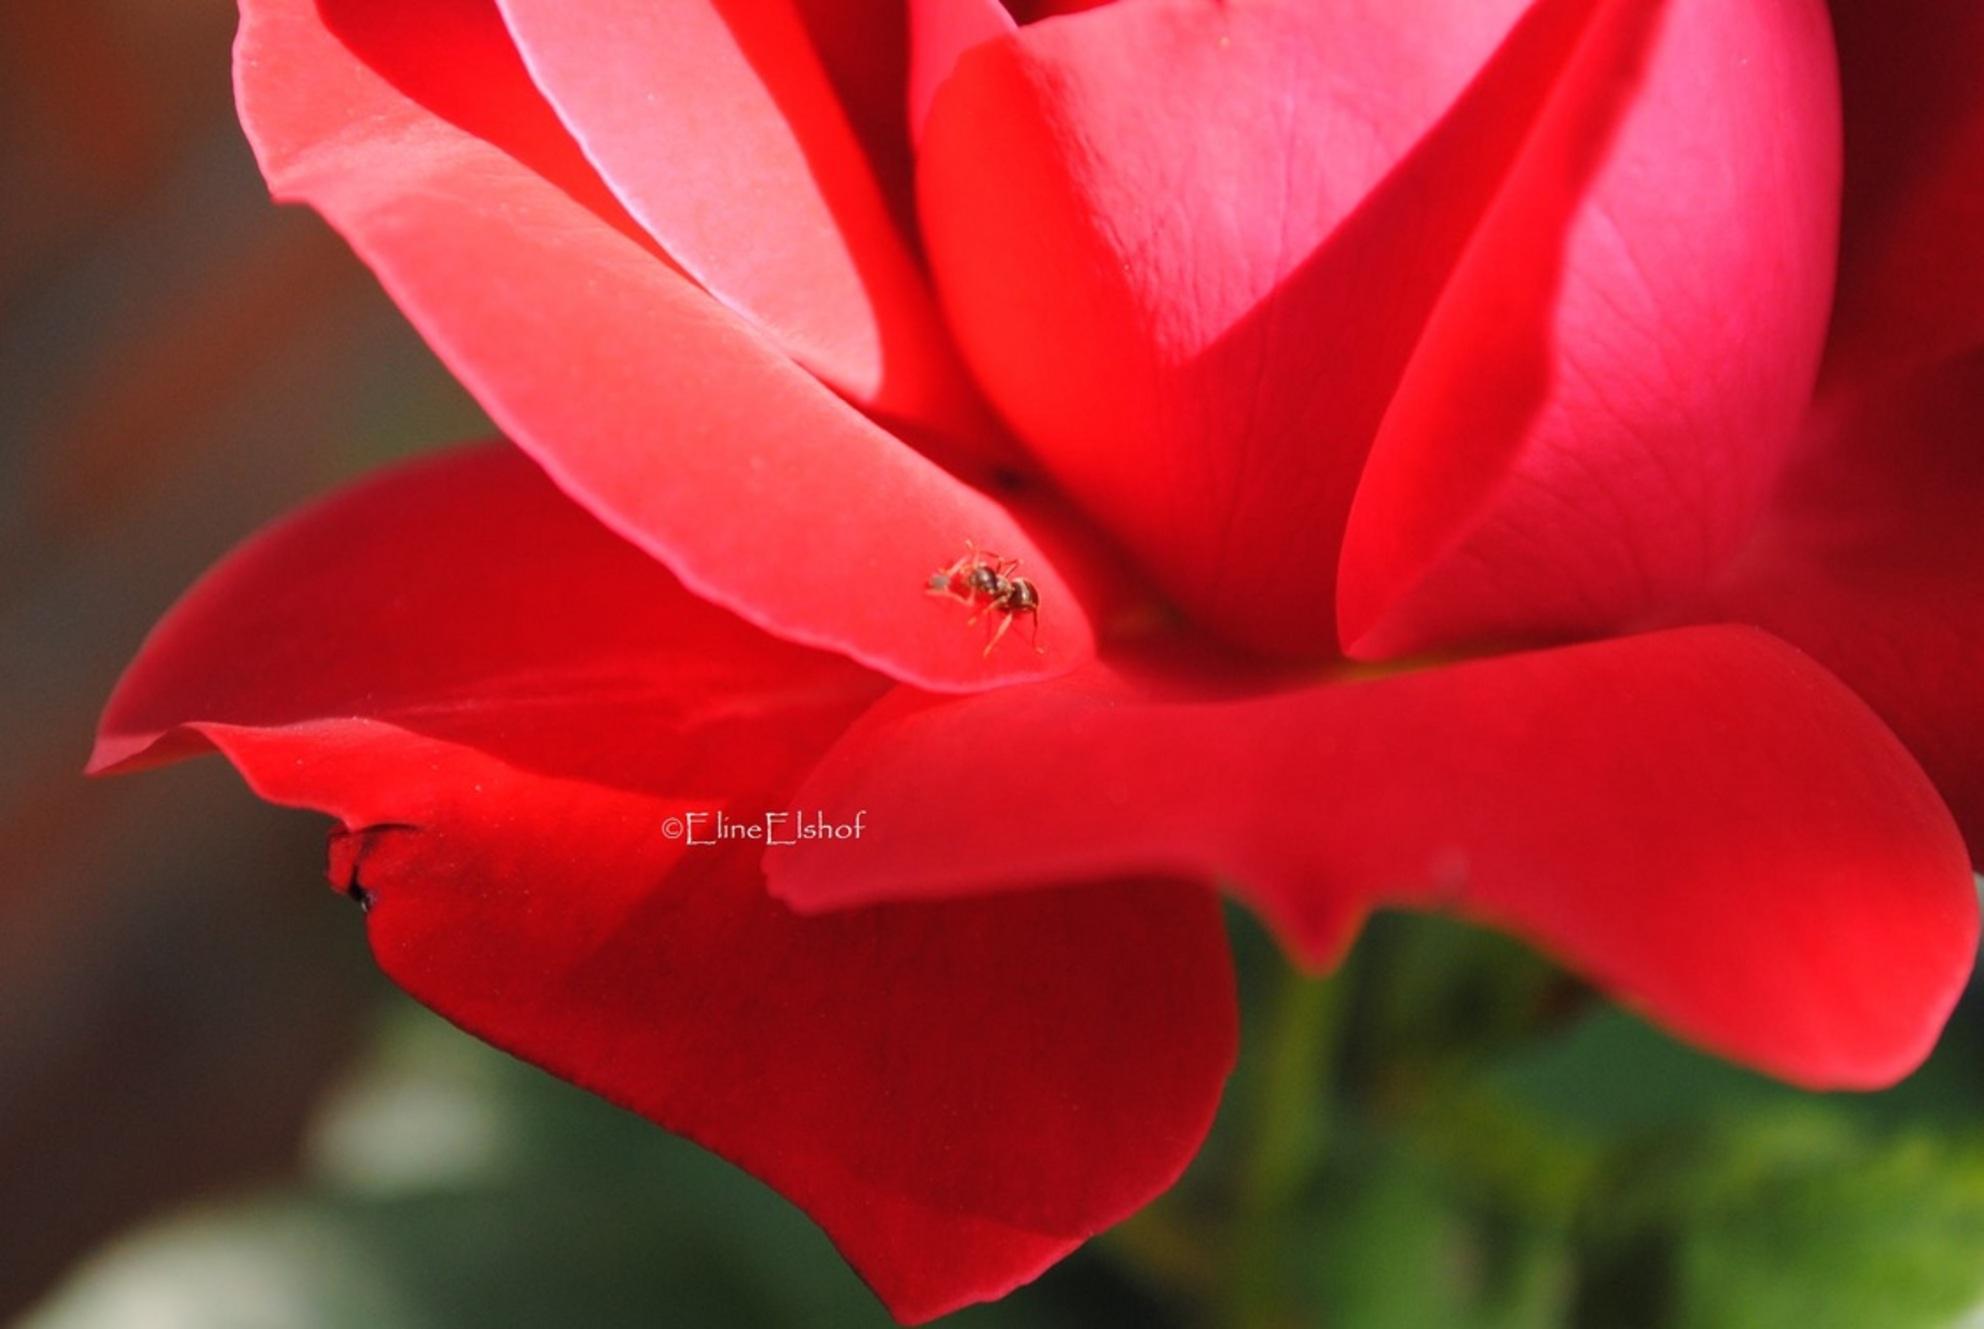 Roos met mier. - Deze foto is gemaakt met camera Nikon D3000. - foto door elineelshof op 27-06-2011 - deze foto bevat: roos, mier, micro